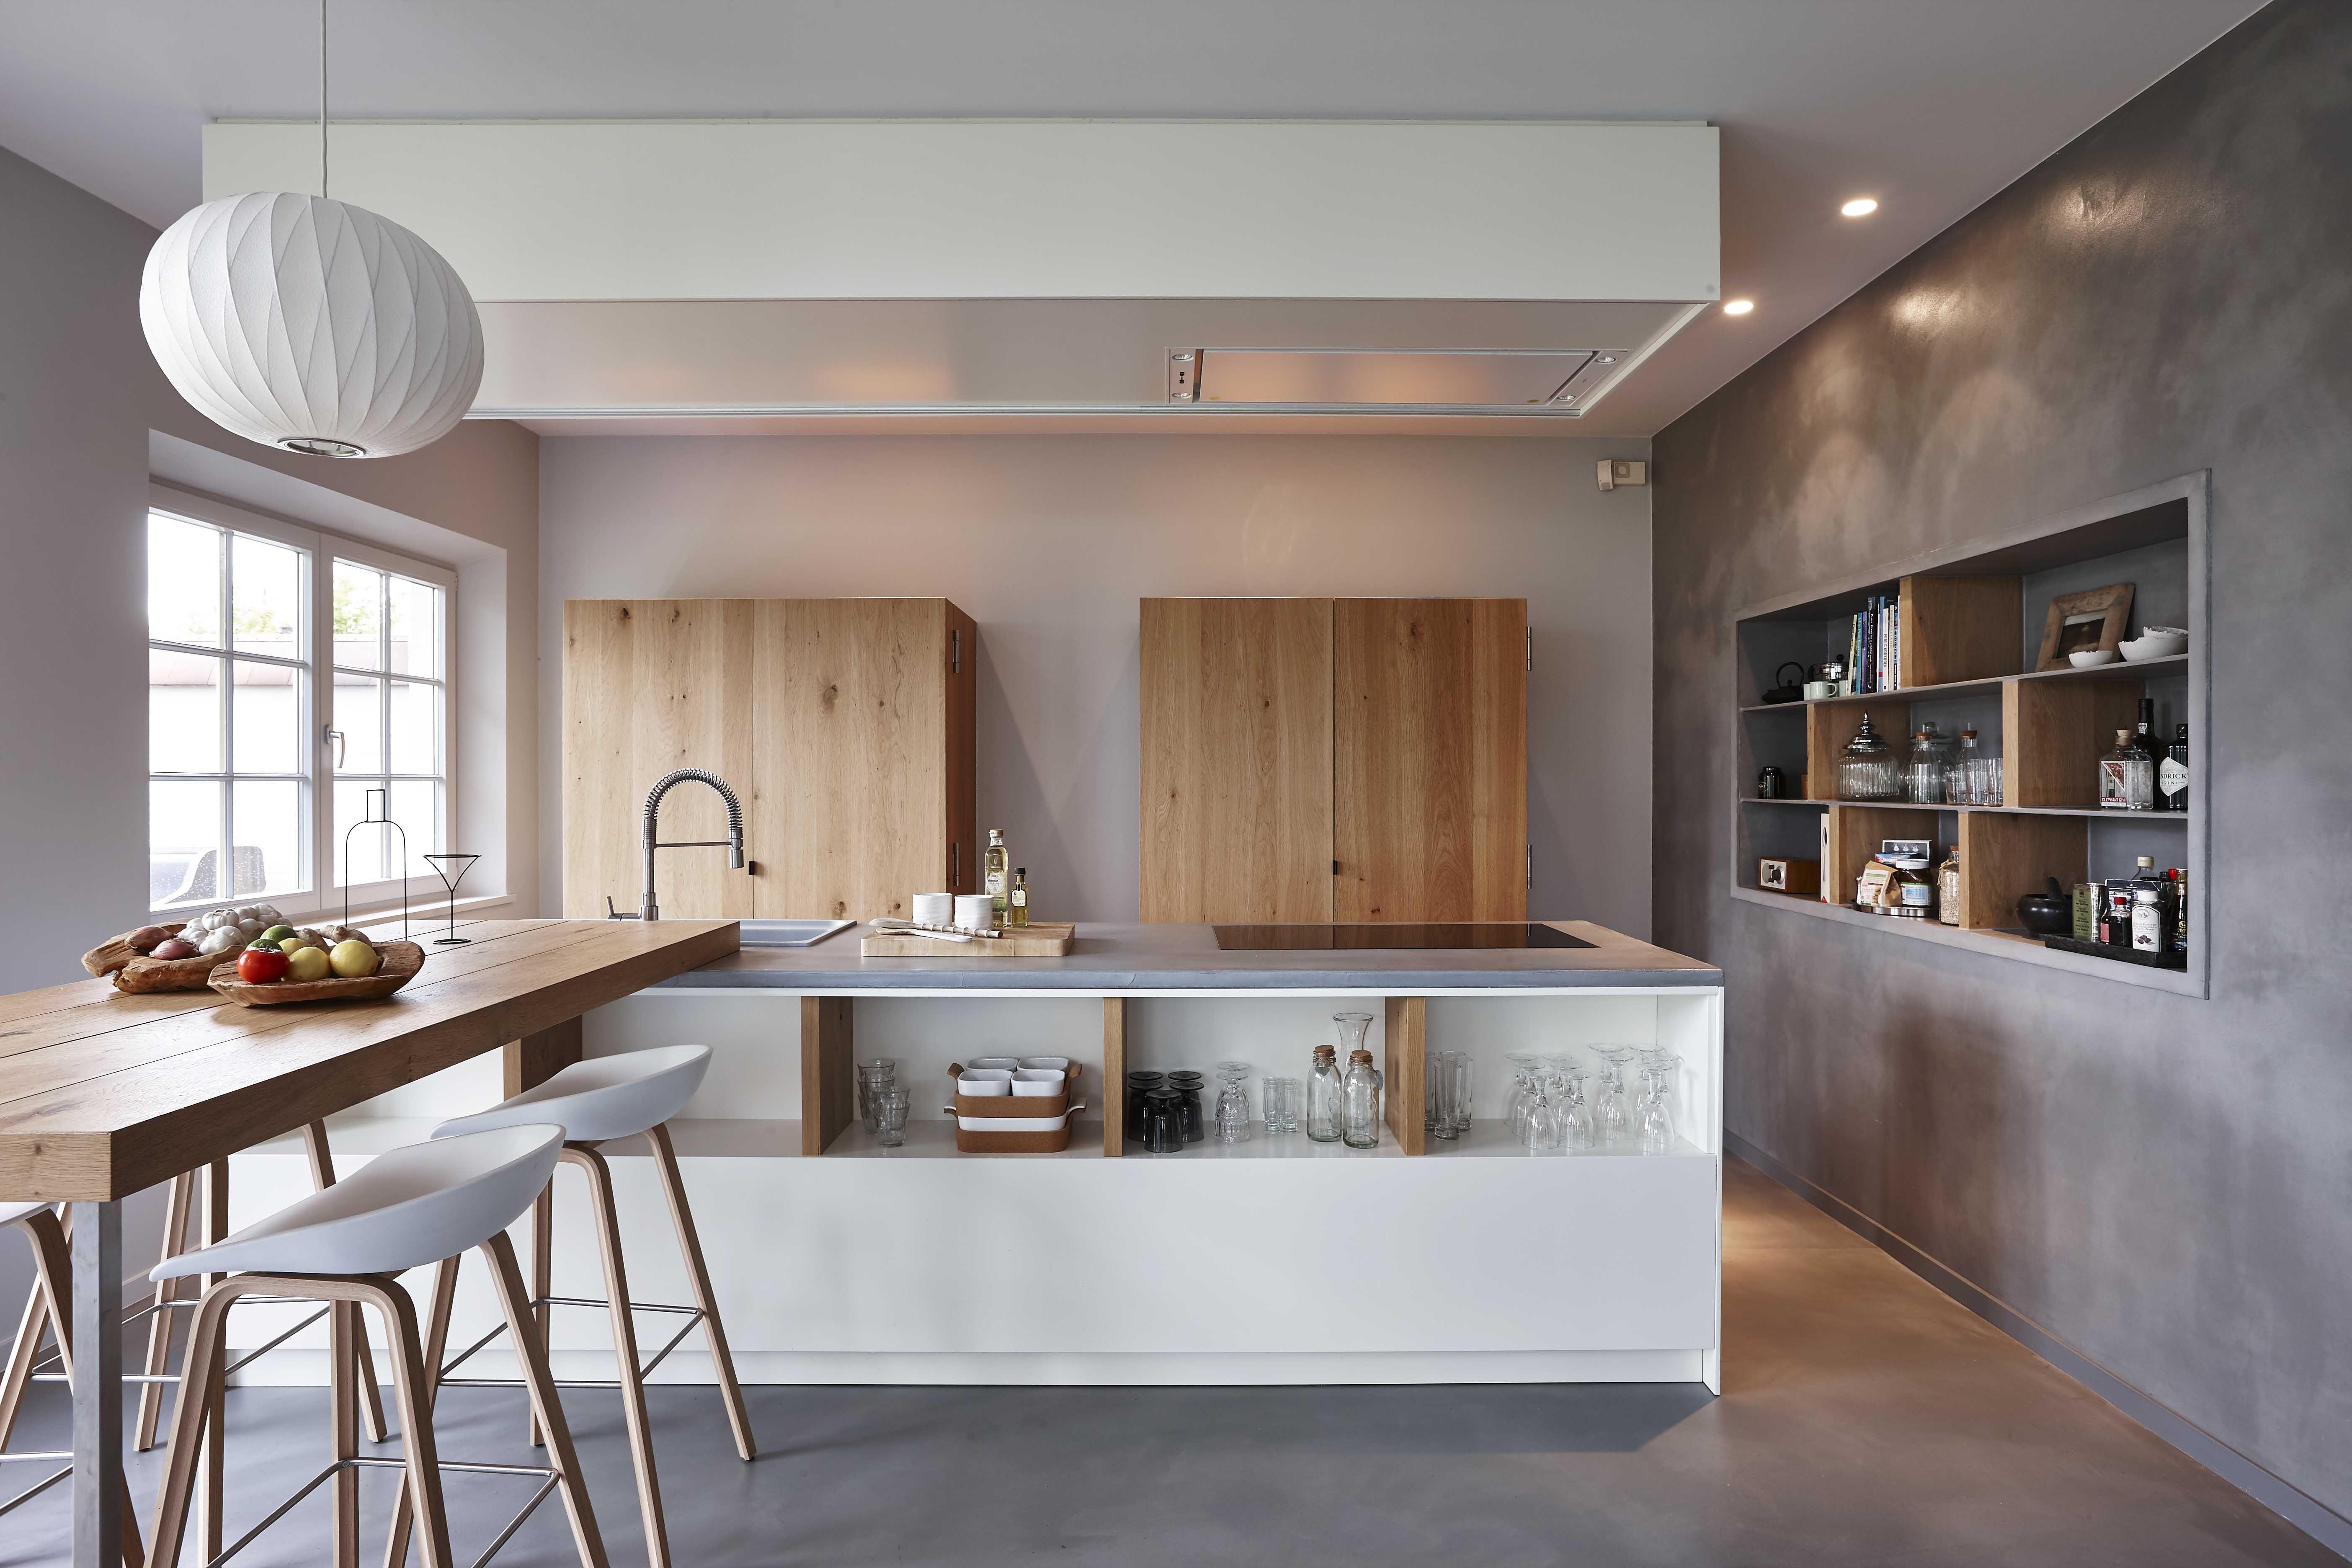 Beton In Interieur : Cuisine design bois et béton dans une maison en belgique totalement